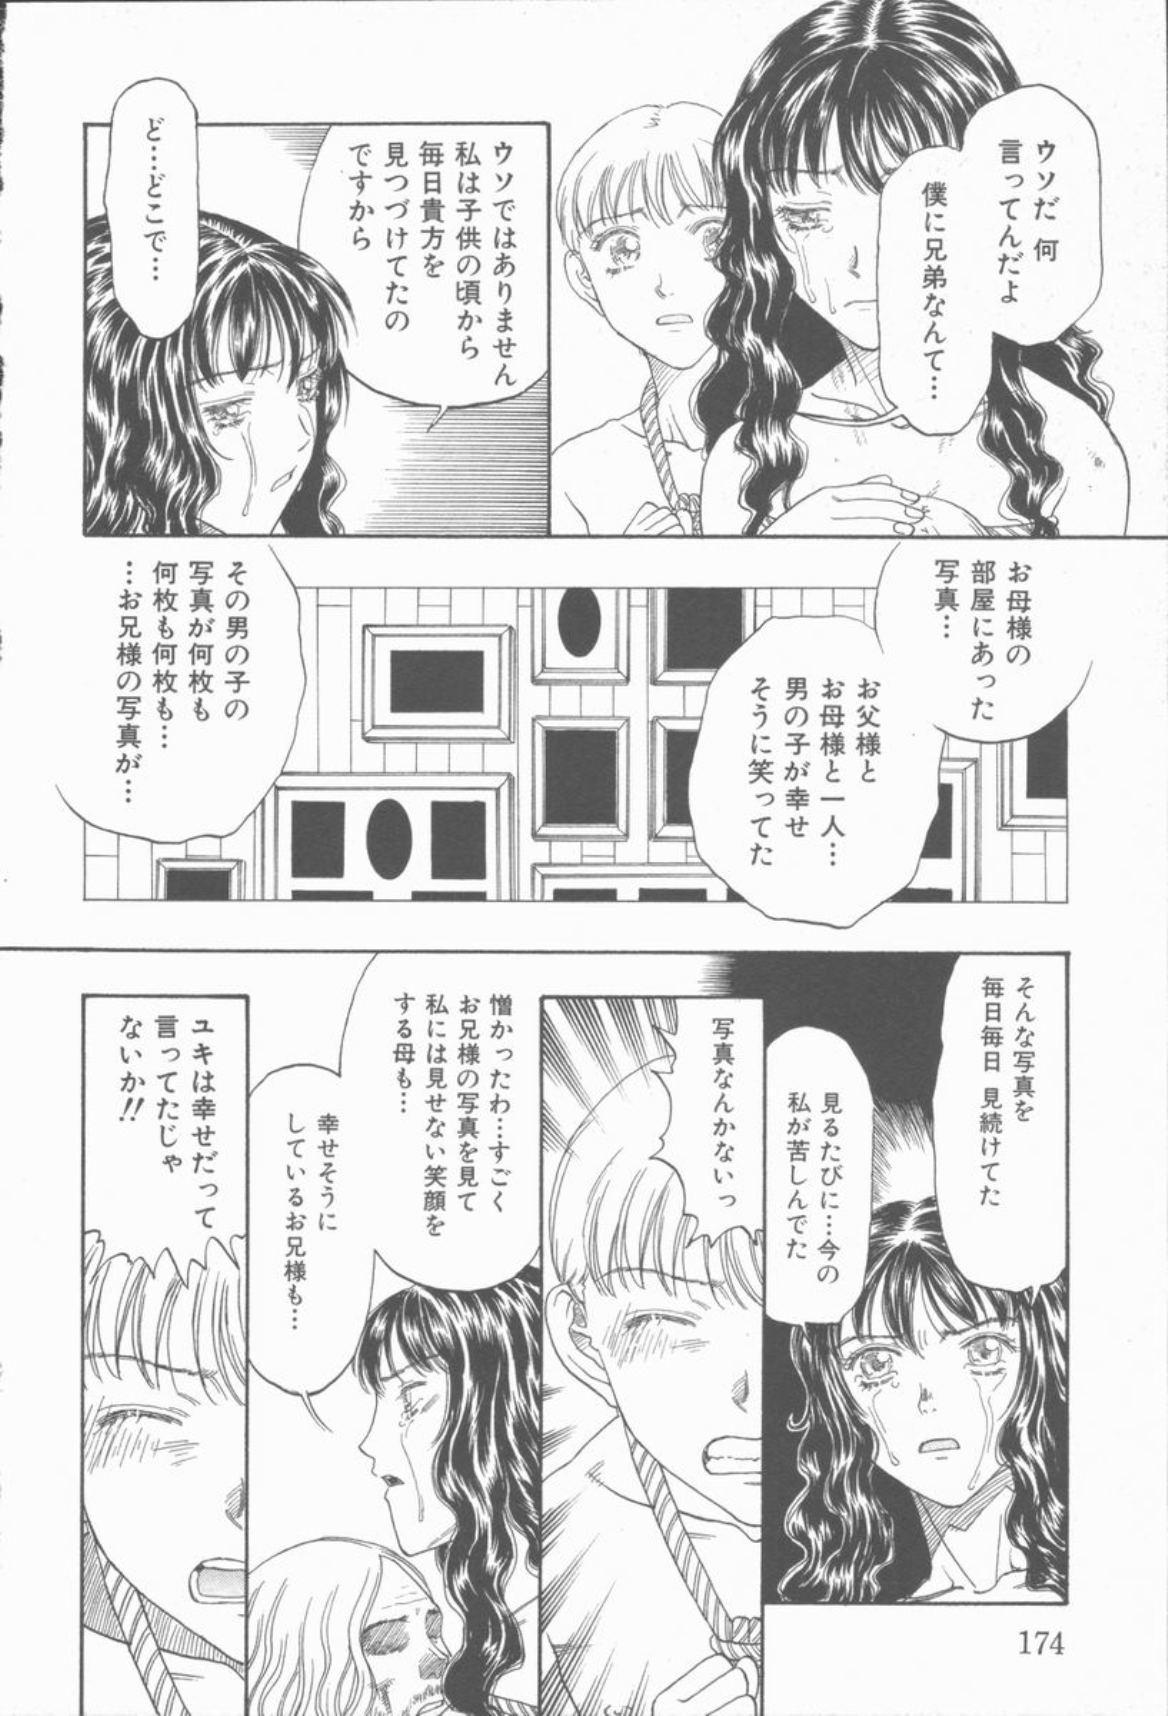 Inma no Sumu Yakata 174